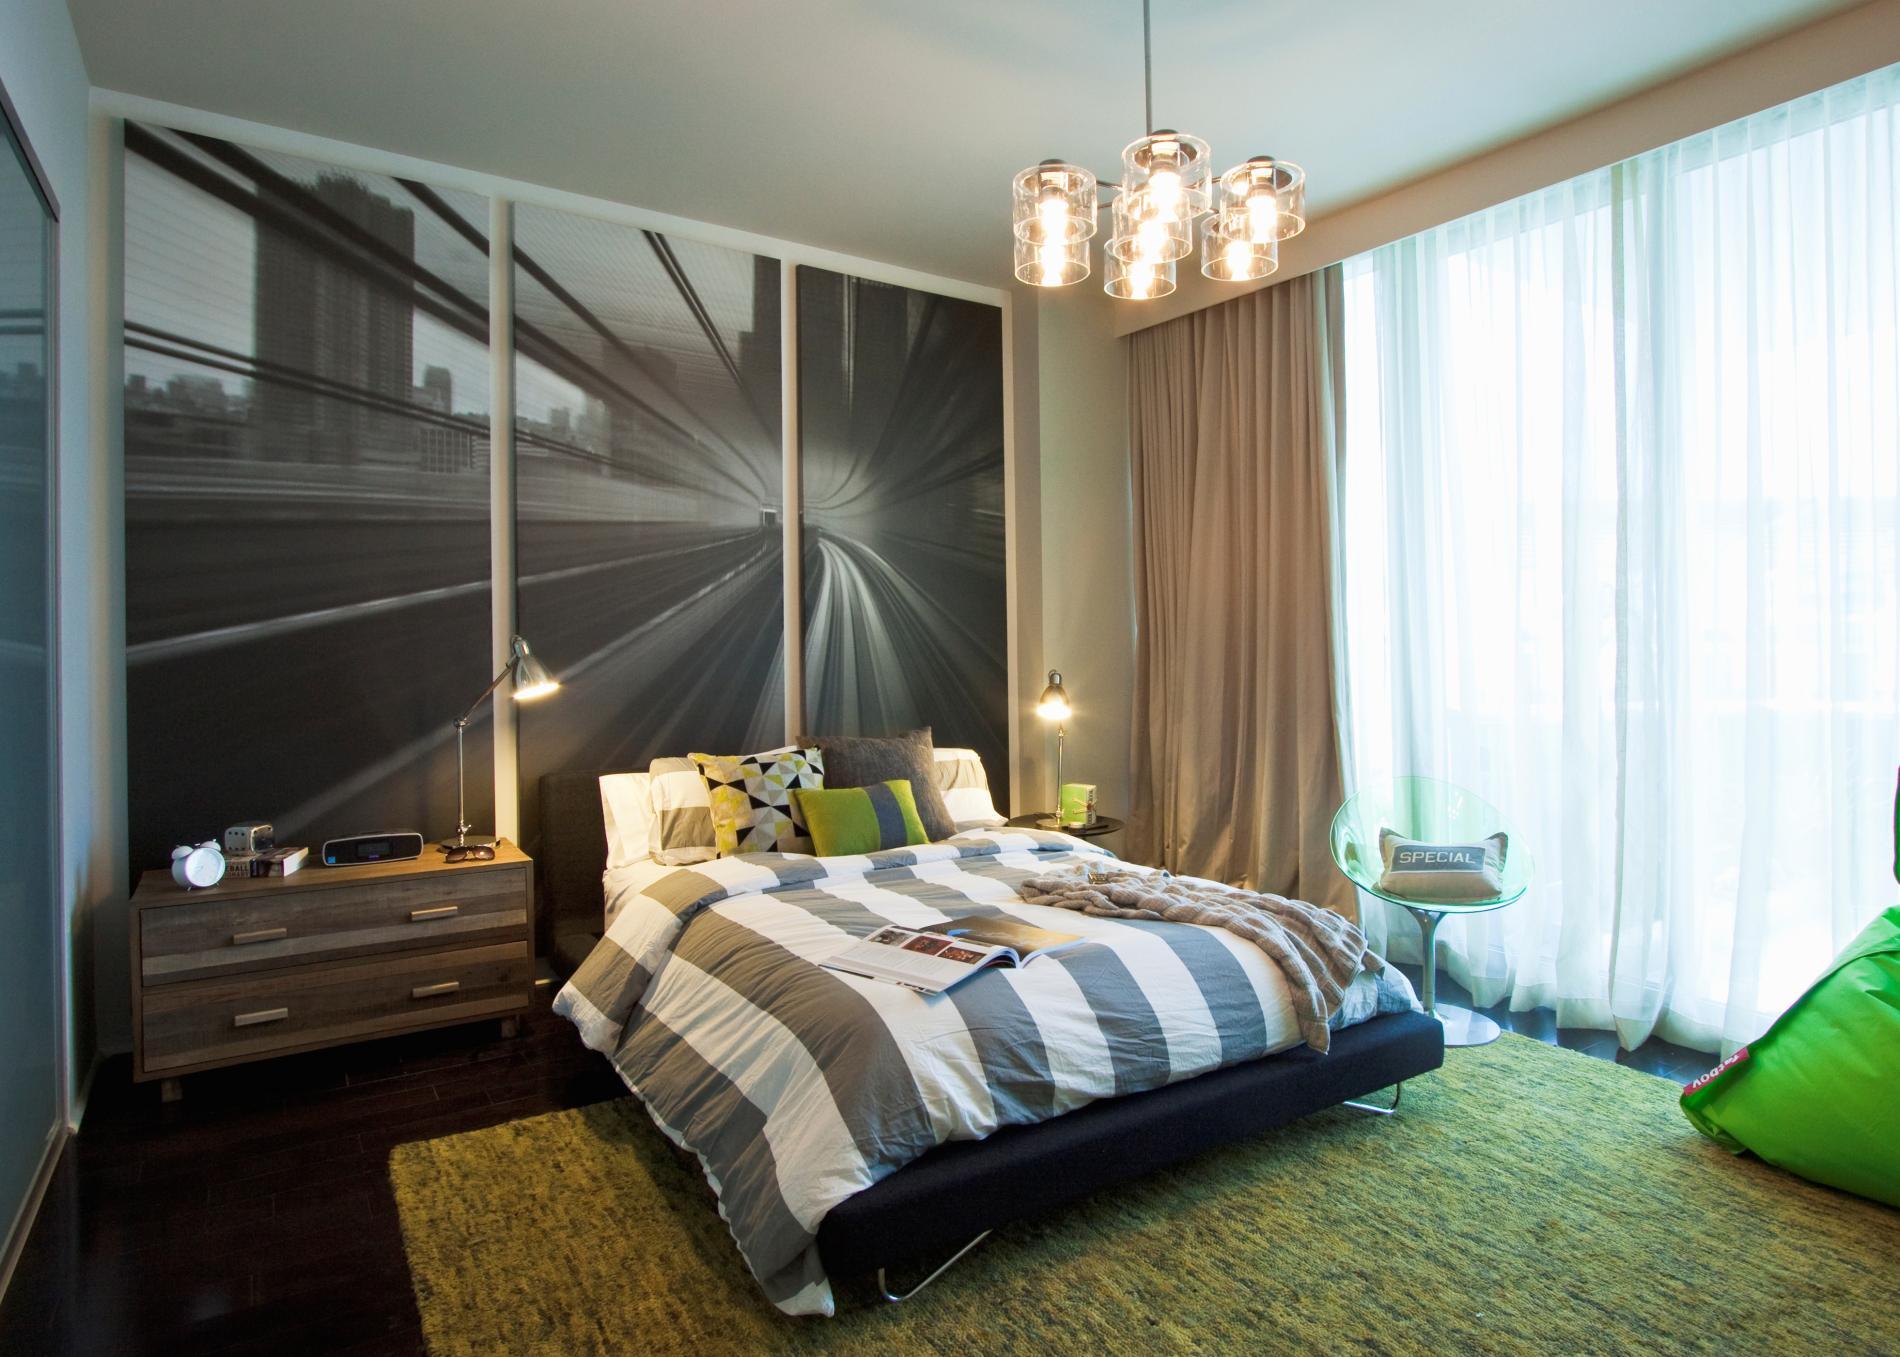 эффектный дизайн интерьера спальни.jpg